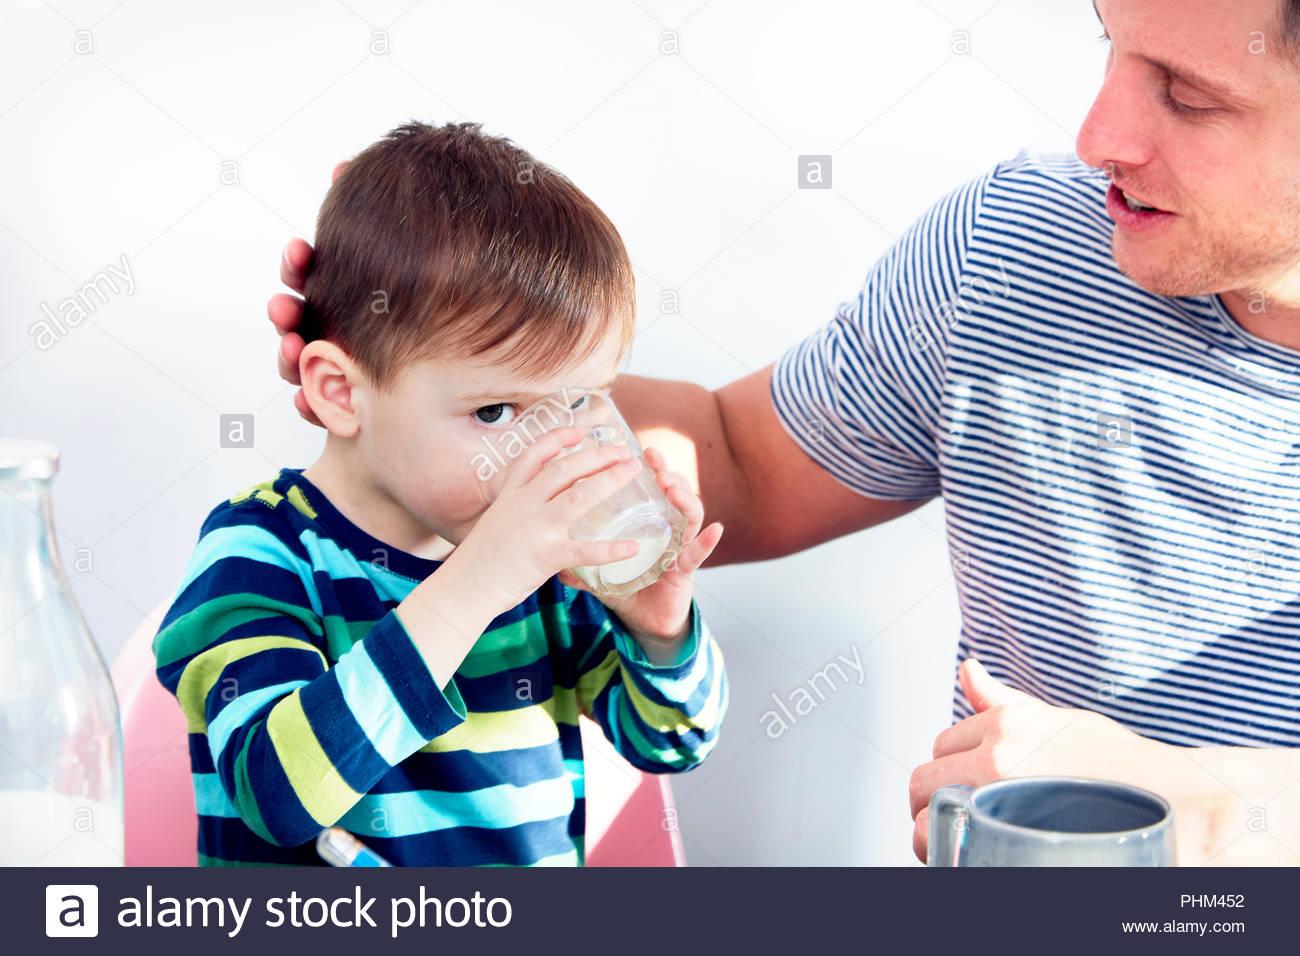 El padre con el hijo bebiendo leche Imagen De Stock